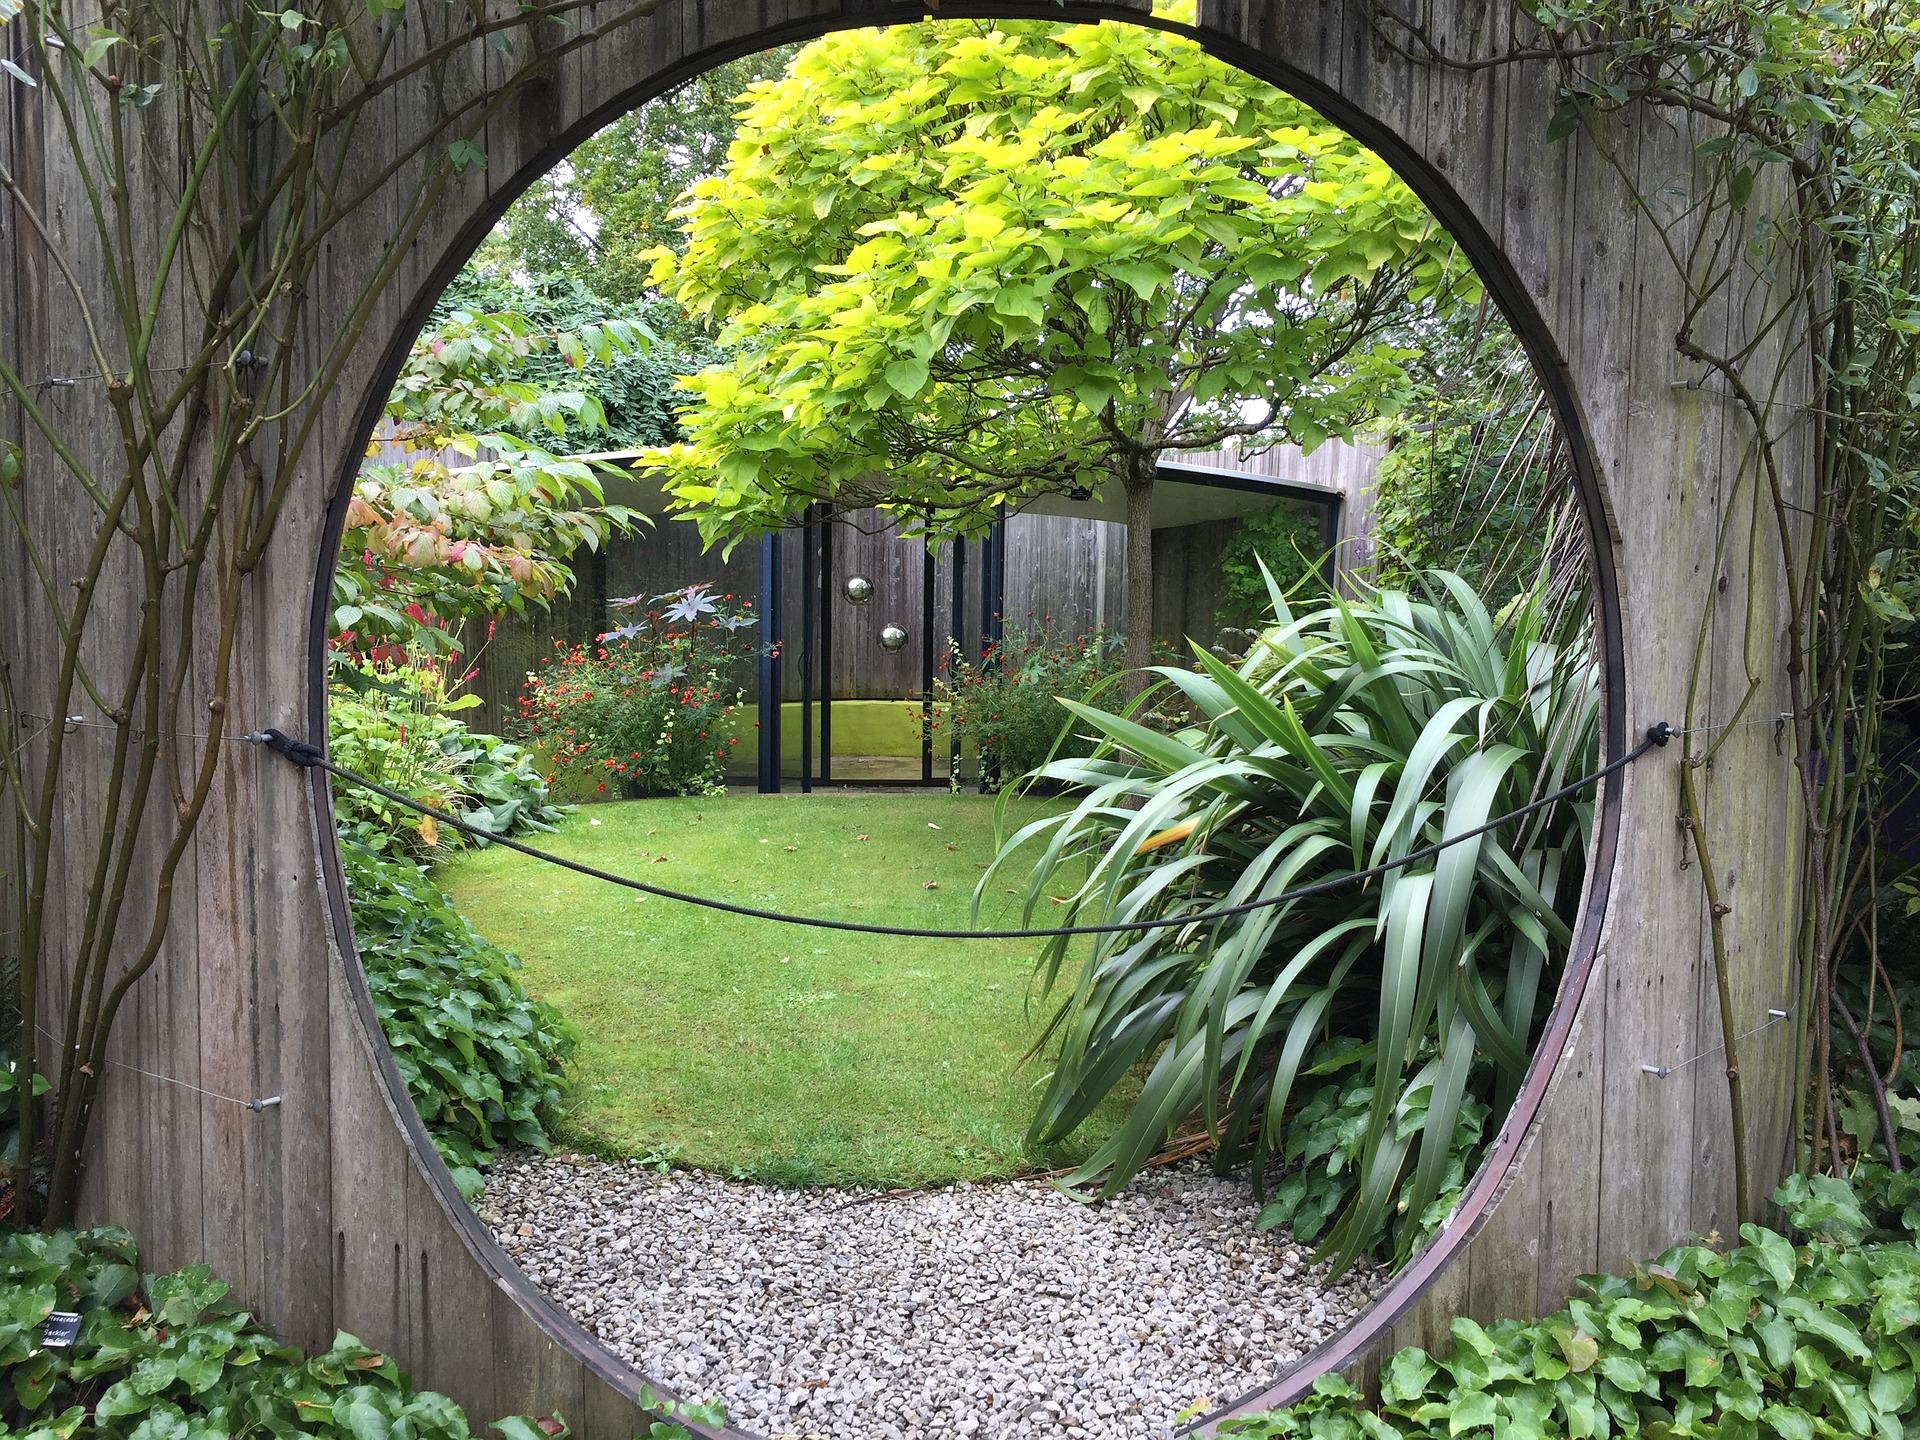 Les Conseils Pour Aménager Facilement Un Petit Jardin à Aménagement D Un Petit Jardin De Ville